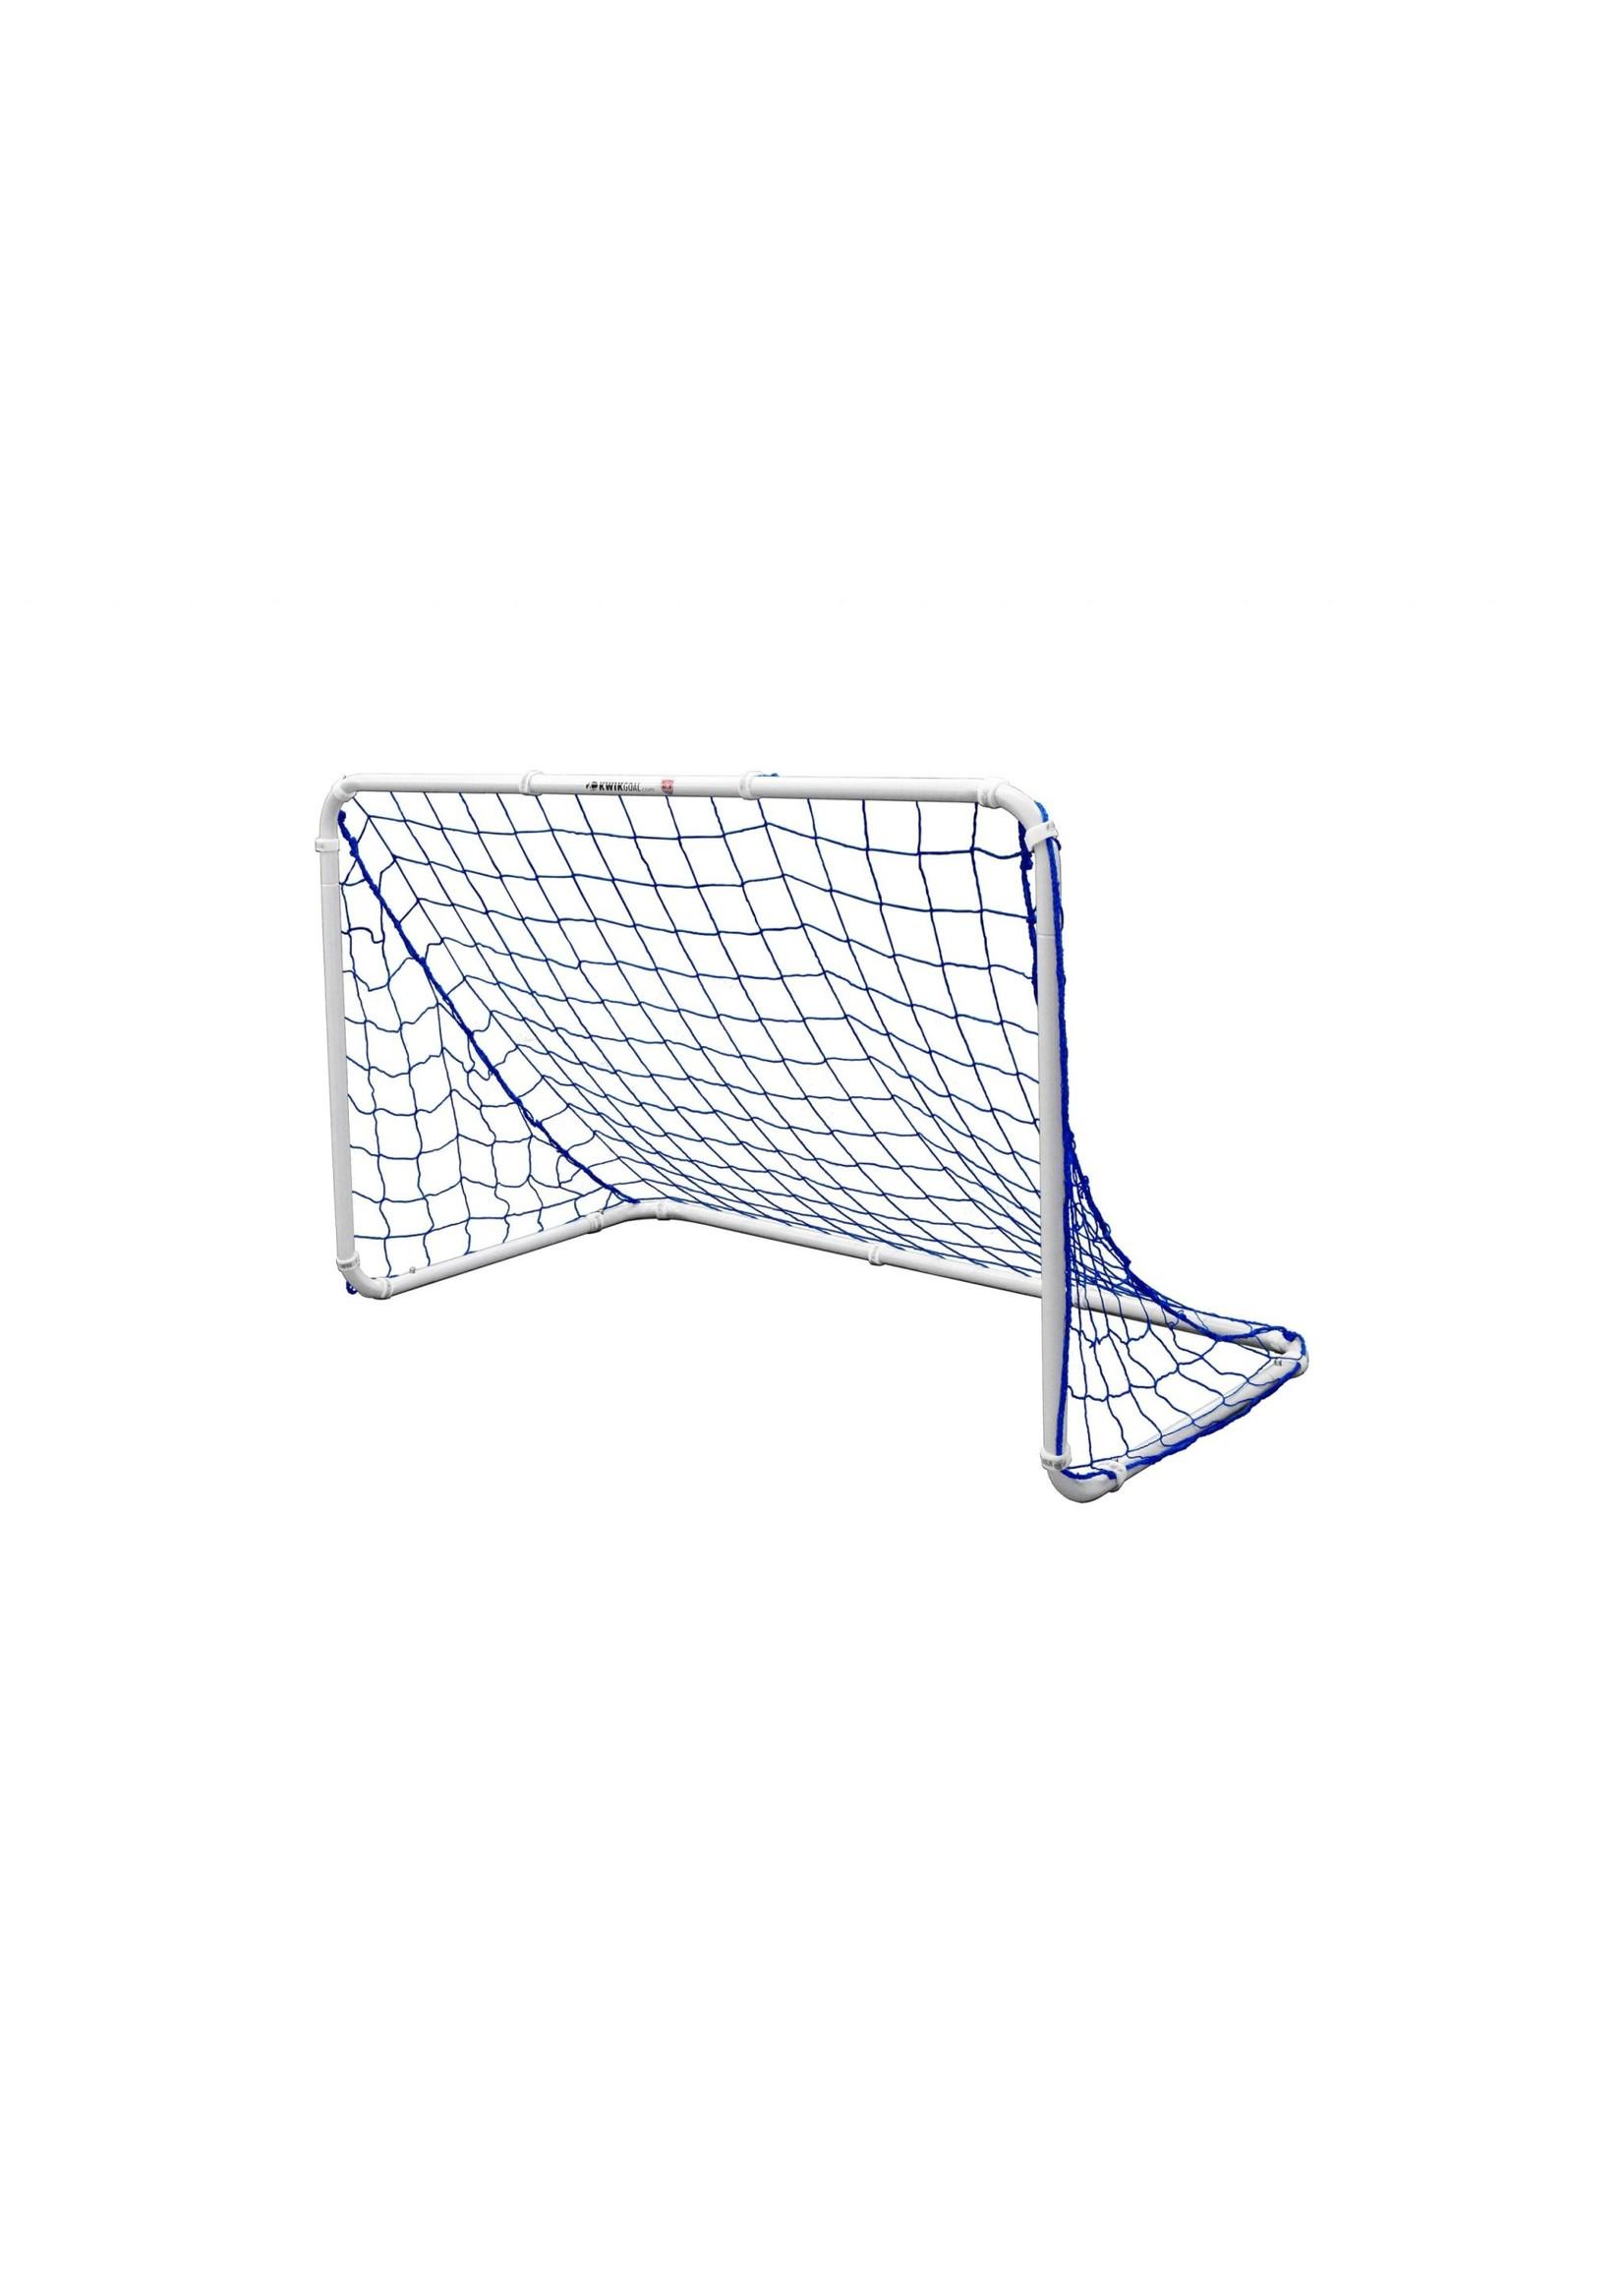 Kwik Goal Project Strikeforce Soccer Goal